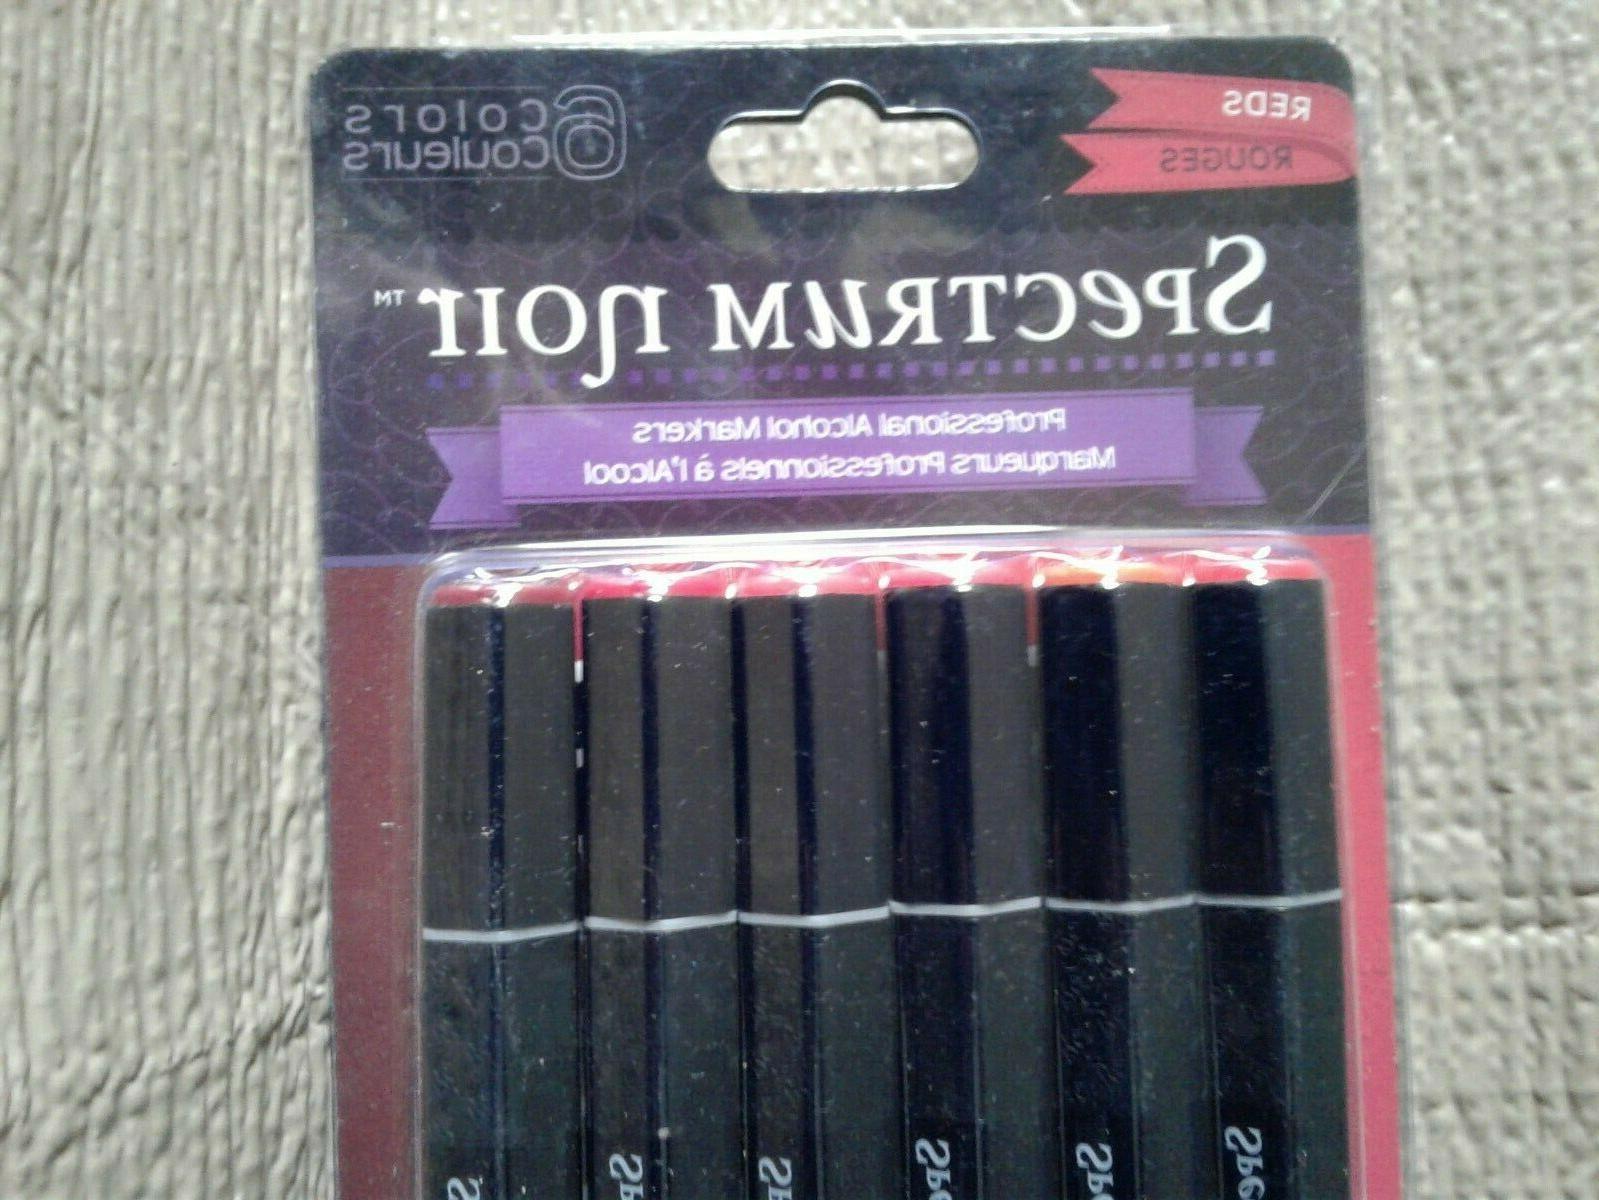 Spectrum Noir piece alcohol markers